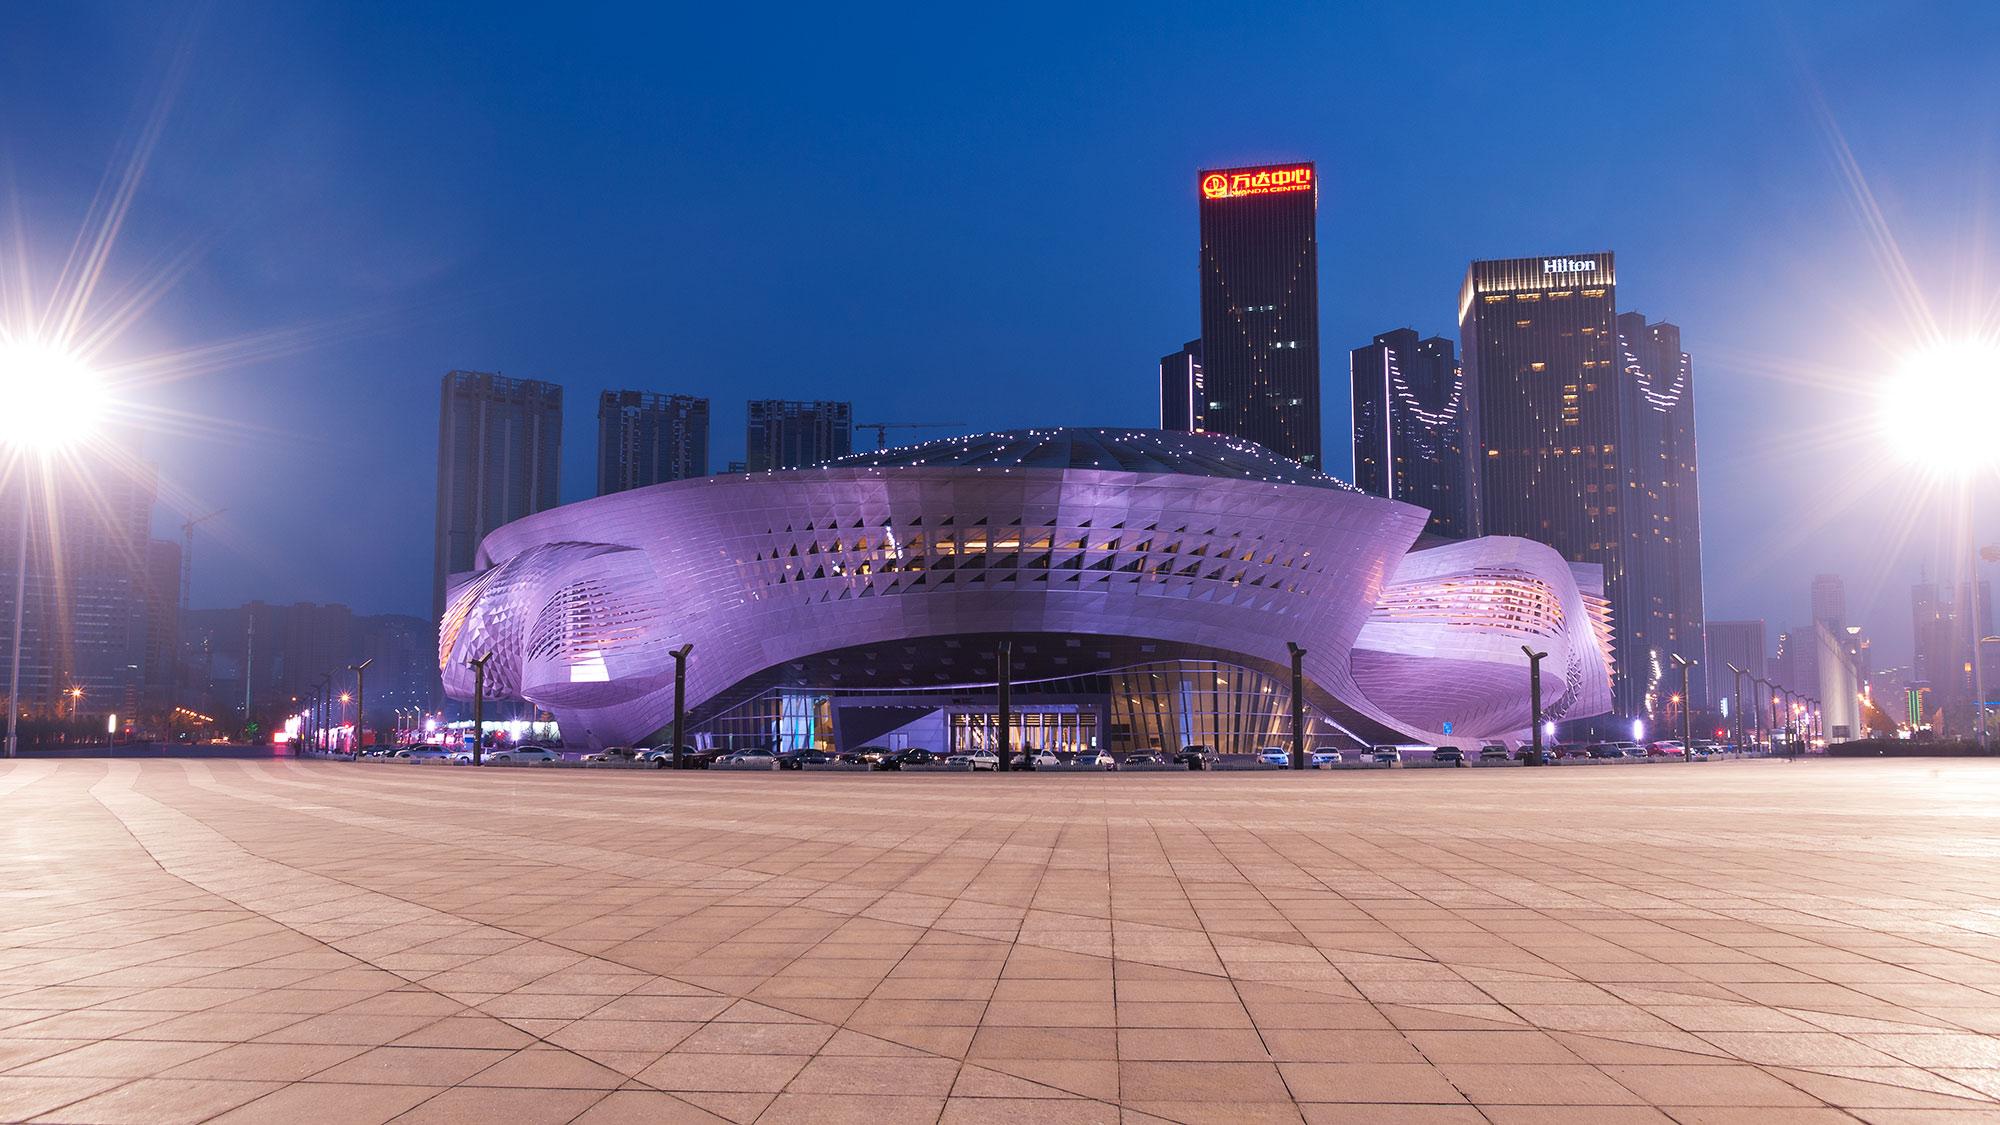 Das Ufo: Das Konferenzzentrum vor der Skyline Dalians